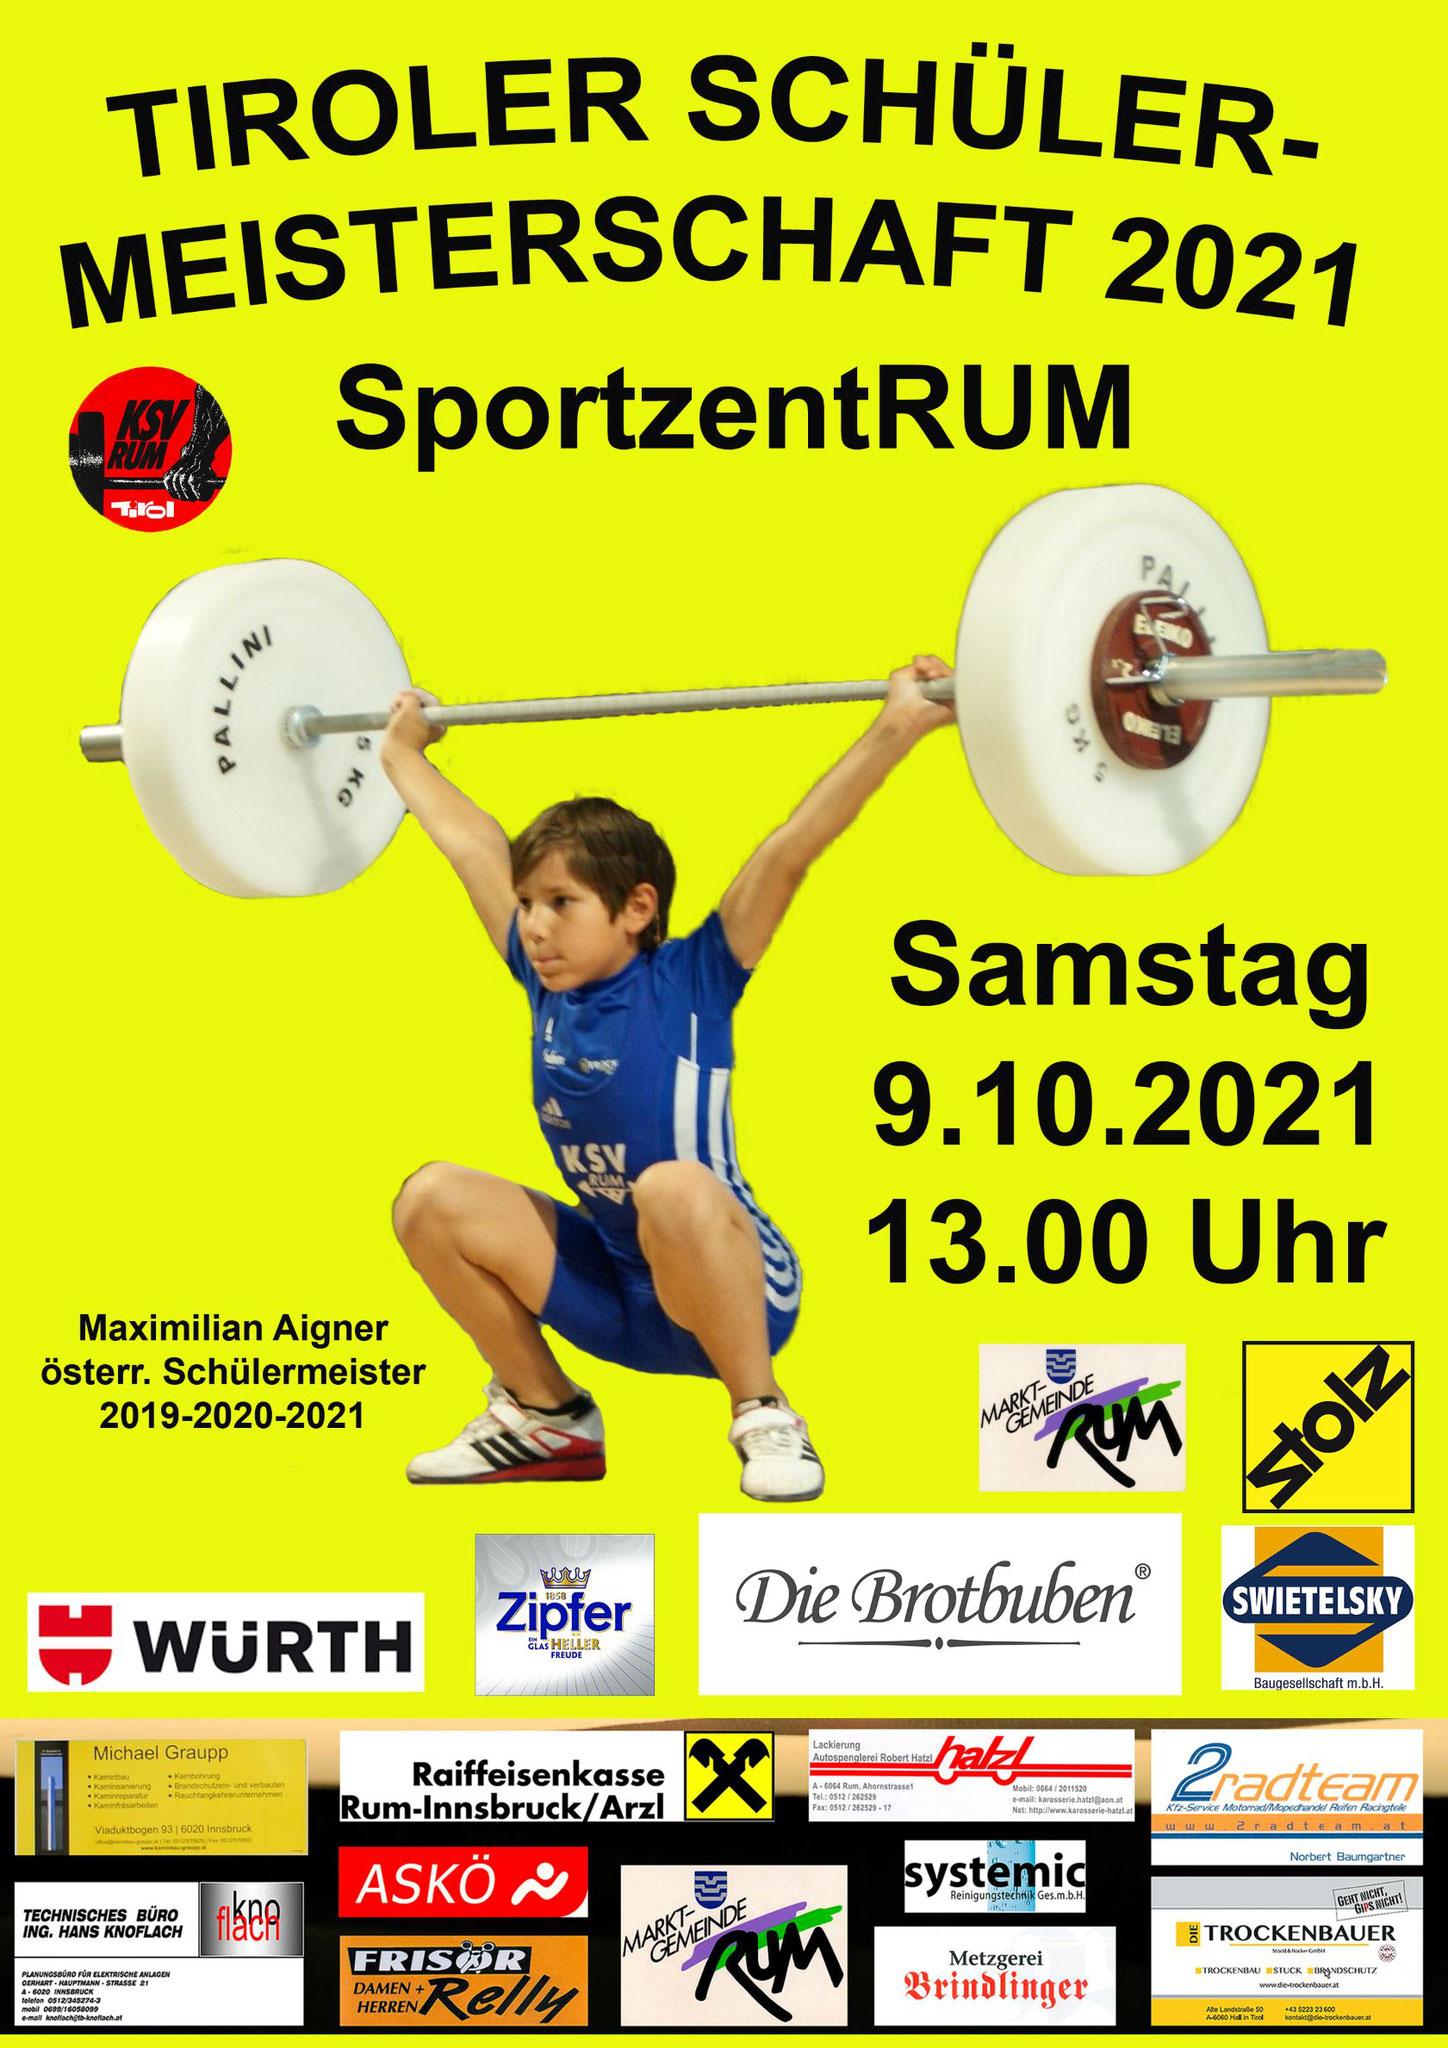 Tiroler Schülermeisterschaft 2021 - 3 x GOLD und 1 x SILBER für die KSV-Youngsters